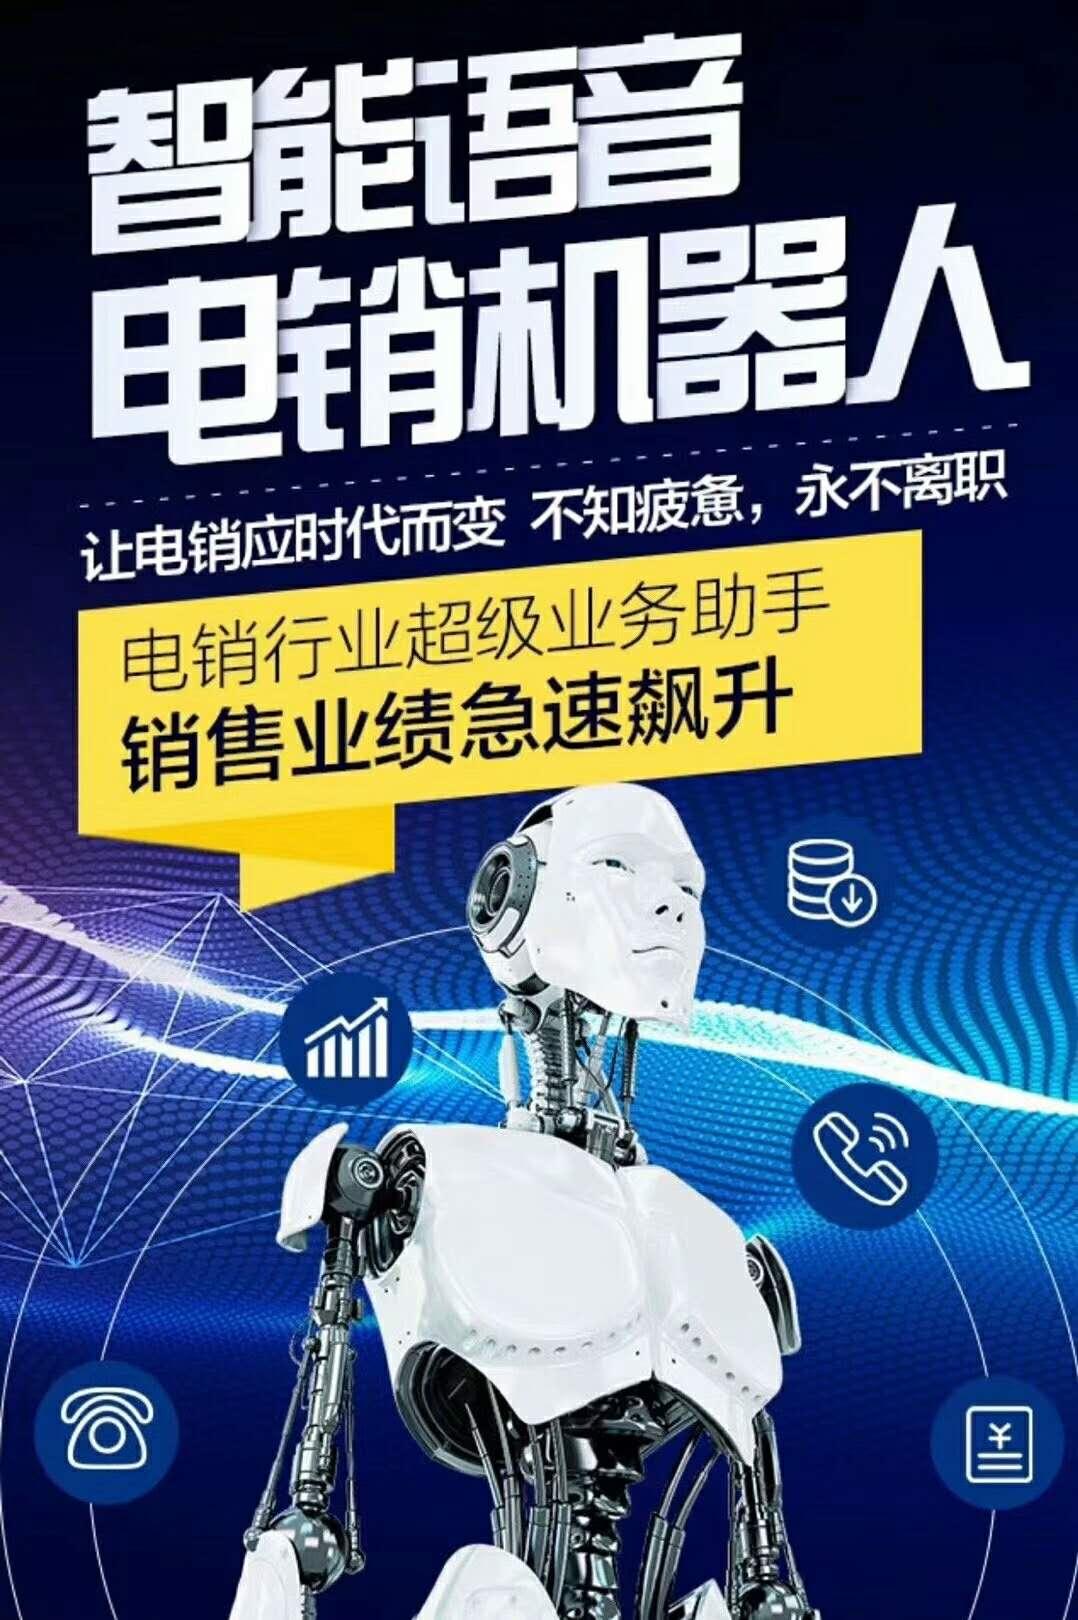 提供AI电销机器人,寻找有营销拓客需求的甲方,另招代理